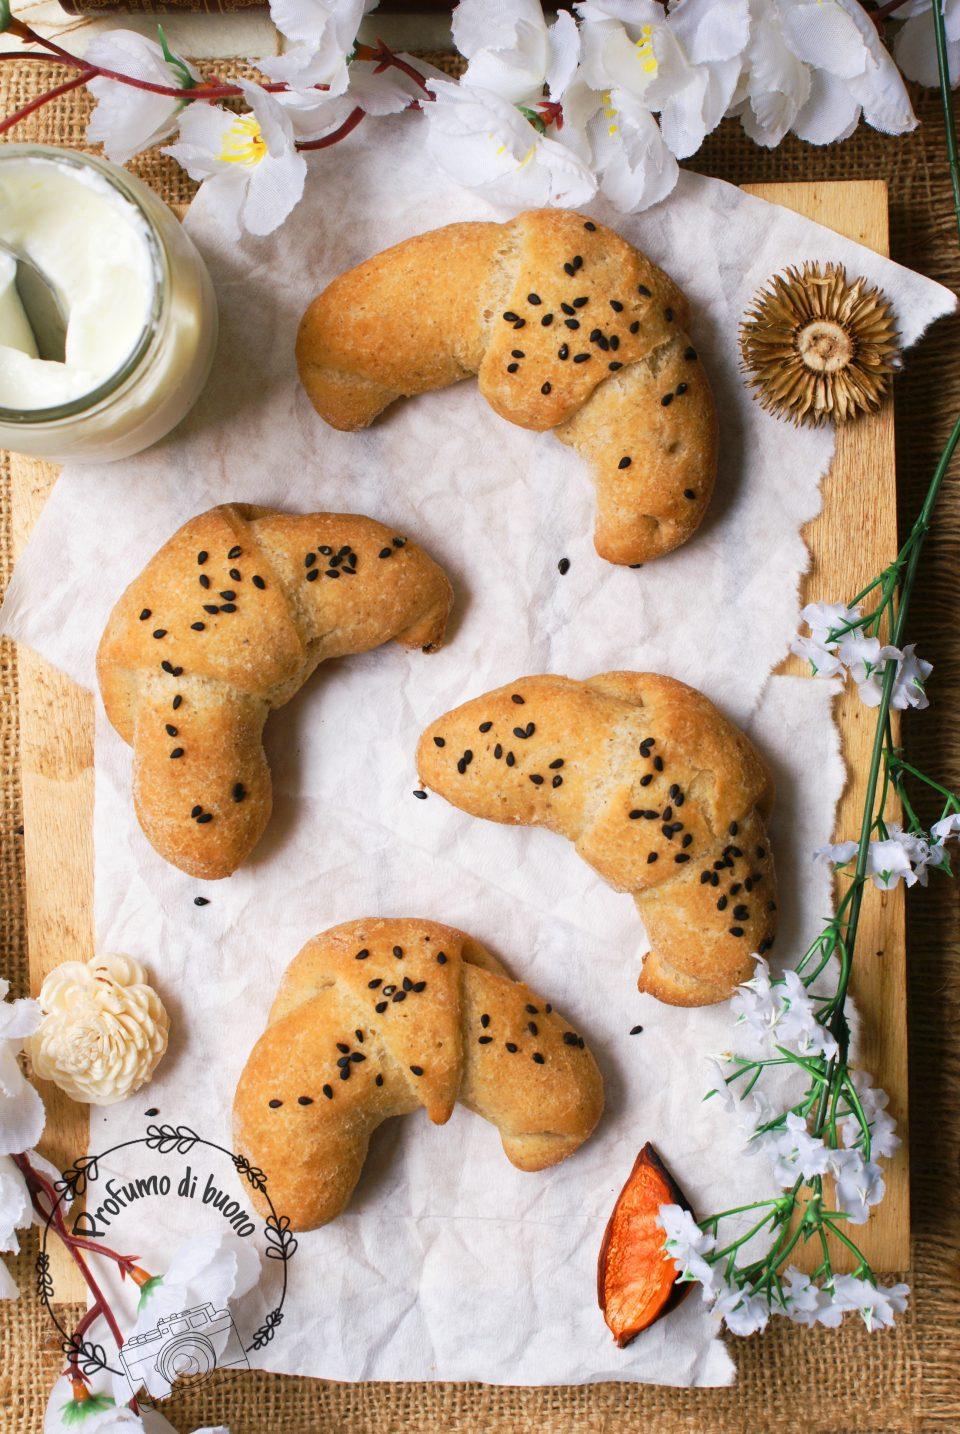 cornetti di pane al grano saraceno con semi di sesamo nero